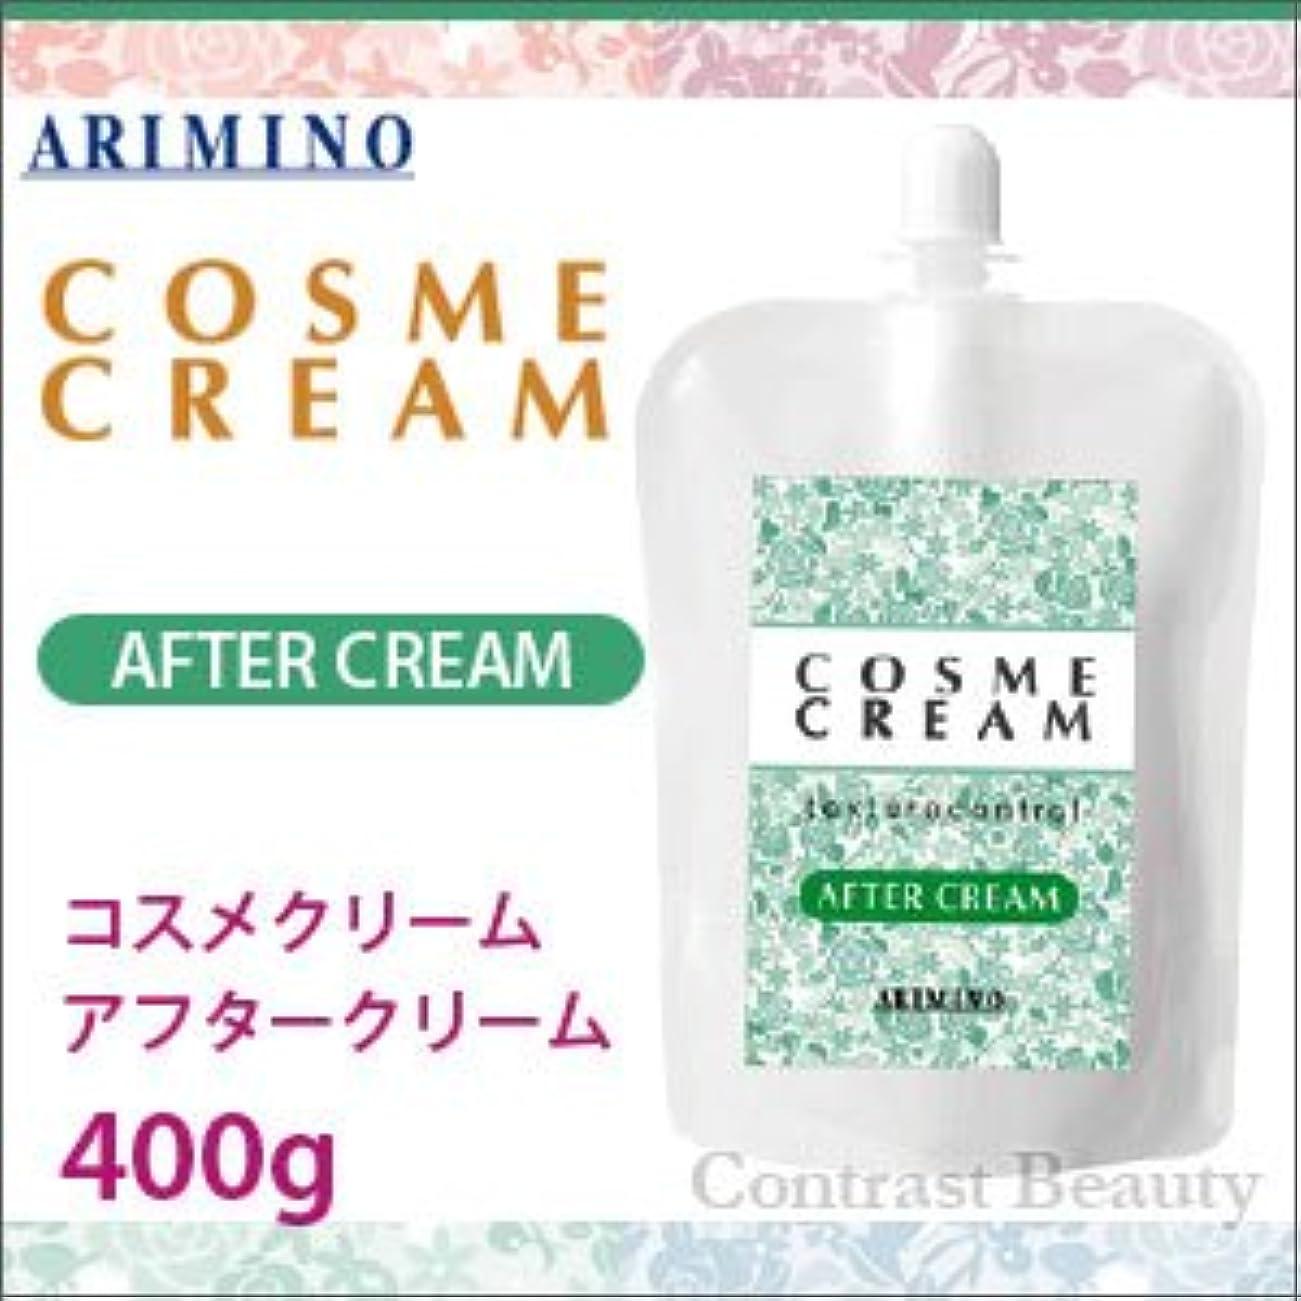 うねる彫刻パール【X5個セット】 アリミノ コスメクリーム アフタークリーム 400g